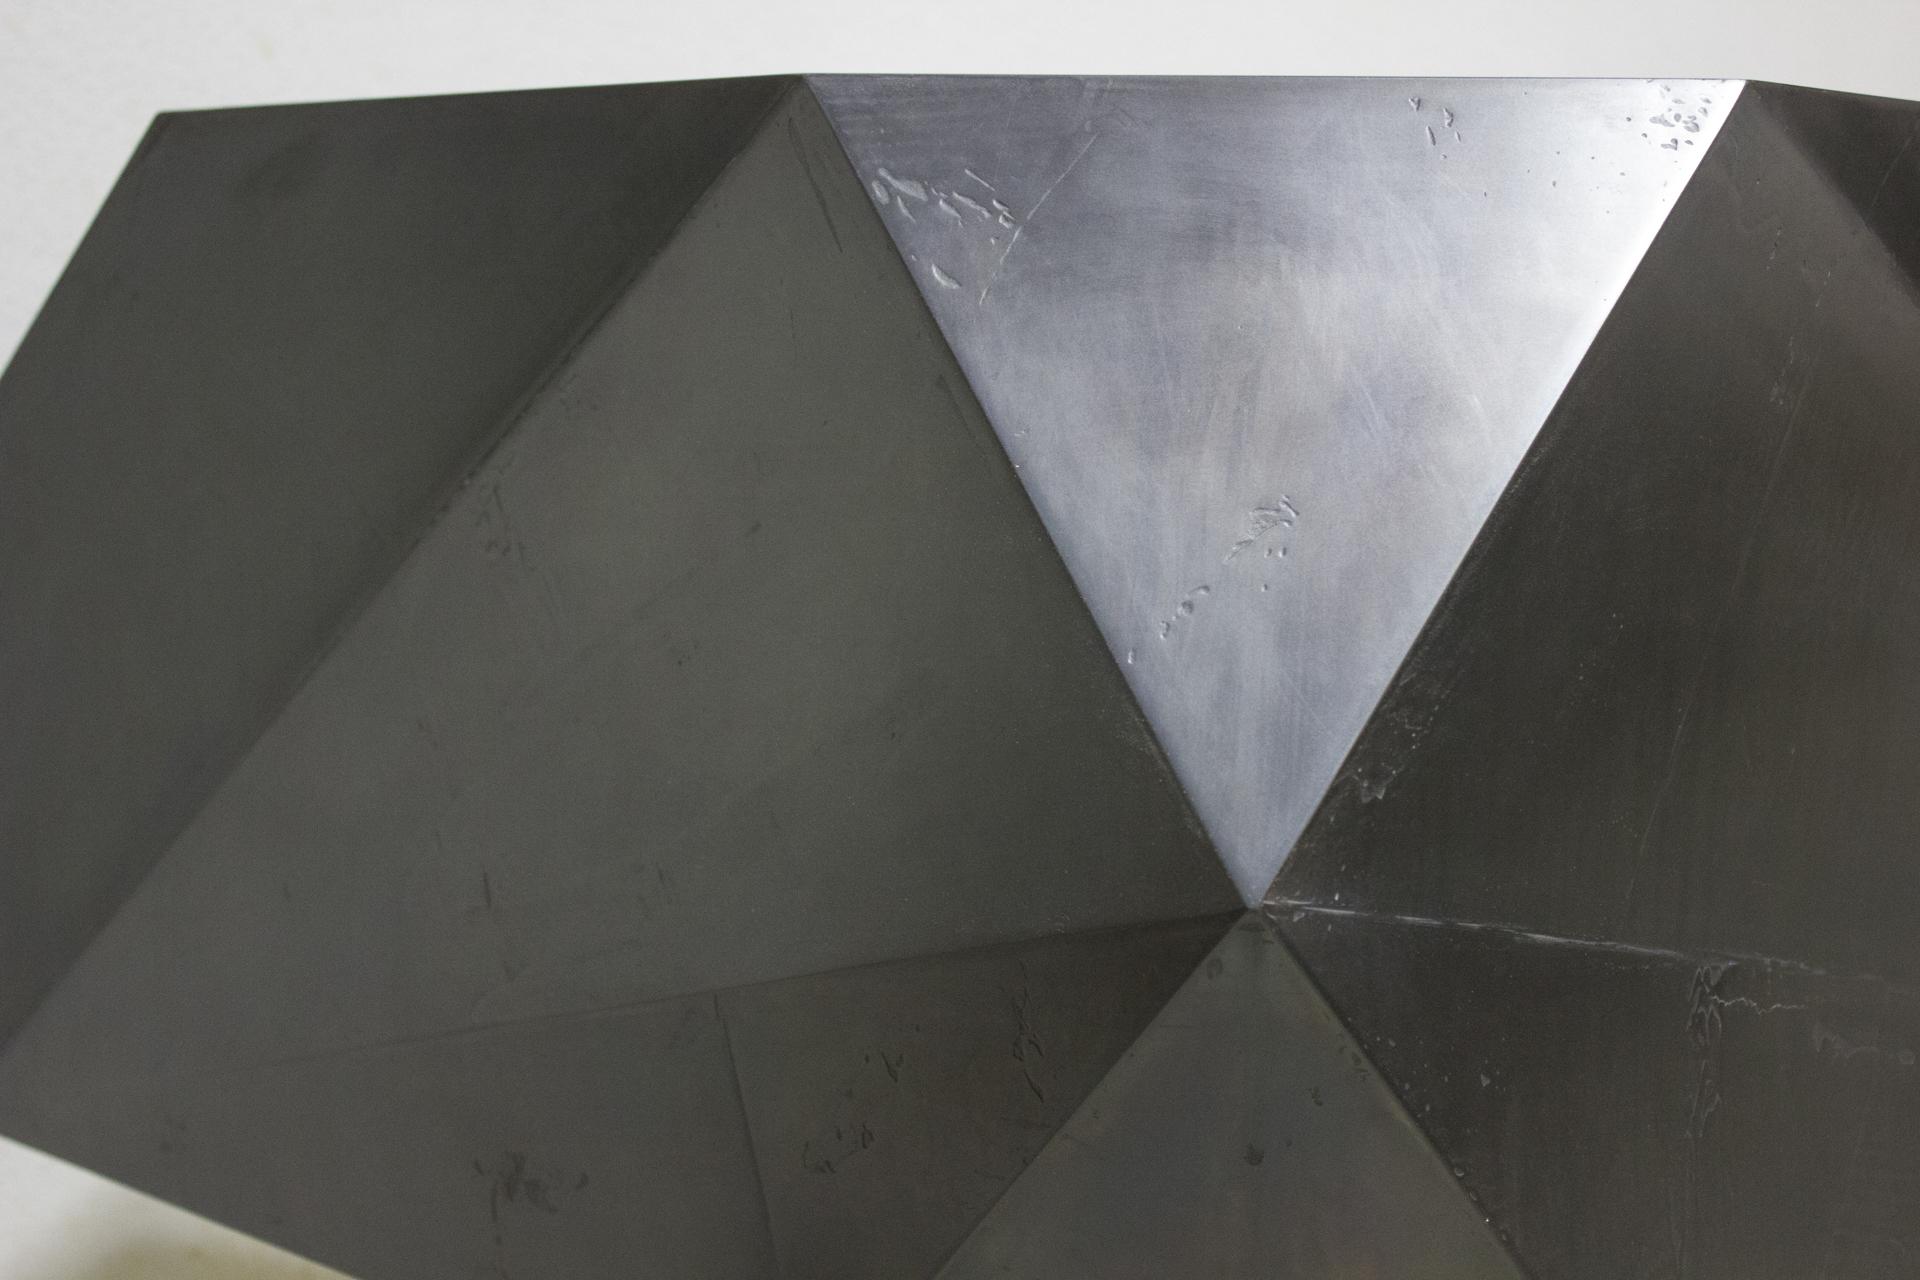 tischlerei-decker-couchtisch-schwarze-metalloberflaeche-detail